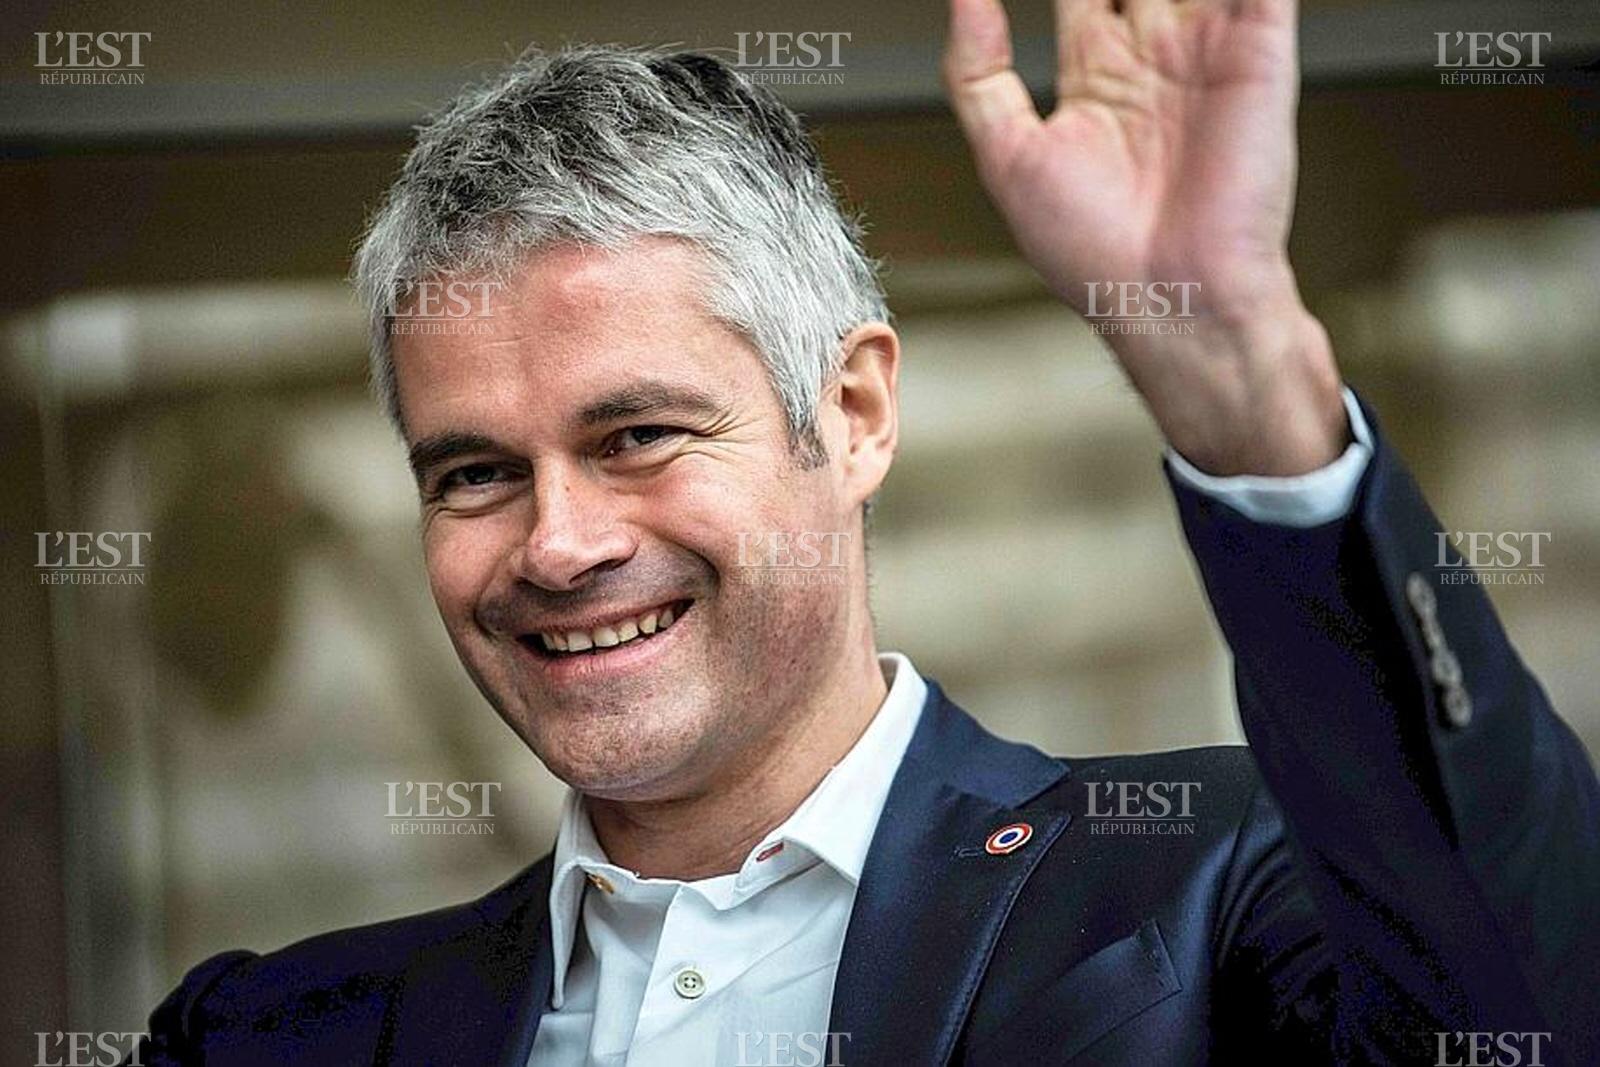 b_1_q_0_p_0.jpg?u=http%3A%2F%2Fcdn-s-www.estrepublicain.fr%2Fimages%2FAC665B5C-7BDE-46F1-AE95-BCA0D7C55DE2%2FLER_22%2Flaurent-wauquiez-etait-le-grand-favori-de-l-election-il-succede-a-nicolas-sarkozy-dernier-president-du-parti-photo-afp-1512888341.jpg&q=0&b=1&p=0&a=1